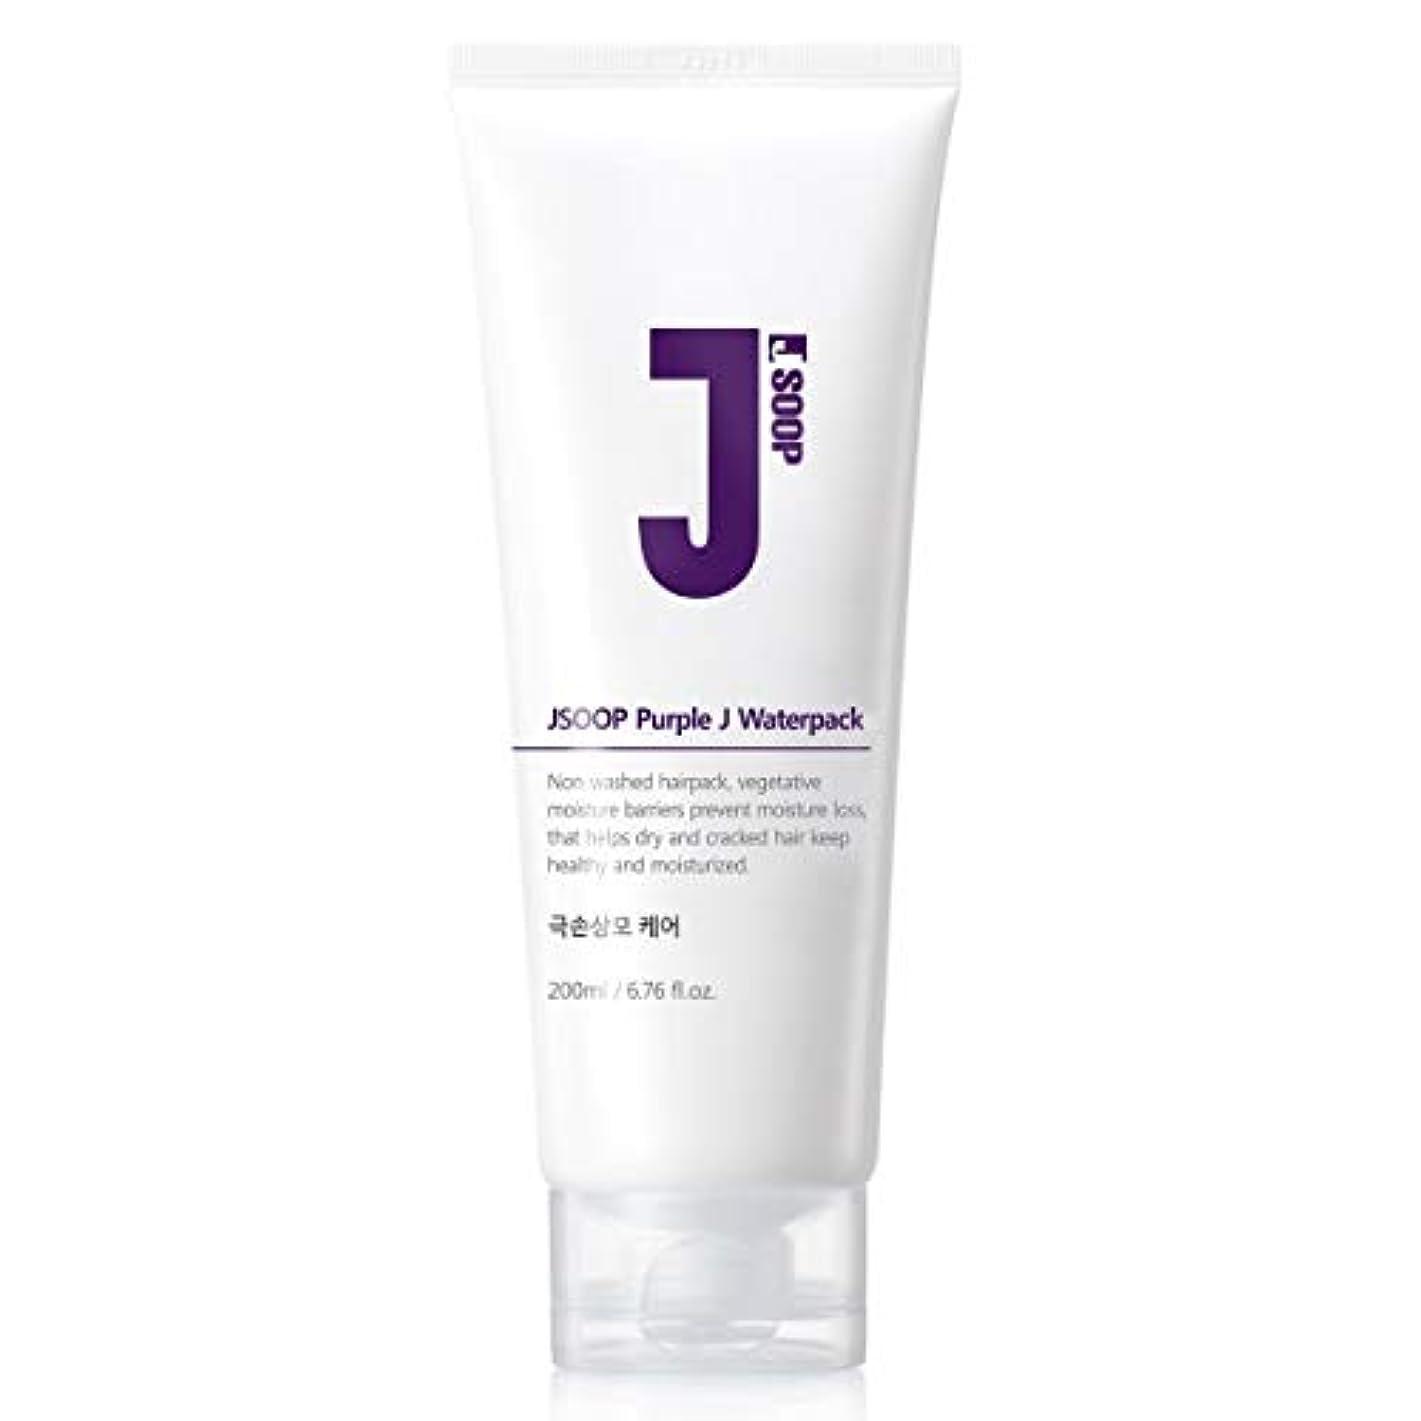 繊細割り込みメニュー[JSOOP] Amazon US人気製品 1日1分、高濃縮タンパク質完全密着ケア パープルJ ウォーターパック 200ml ひどい損傷髪の毛 JSOOP Purple J Waterpack non -washed hair pack [海外直送品]